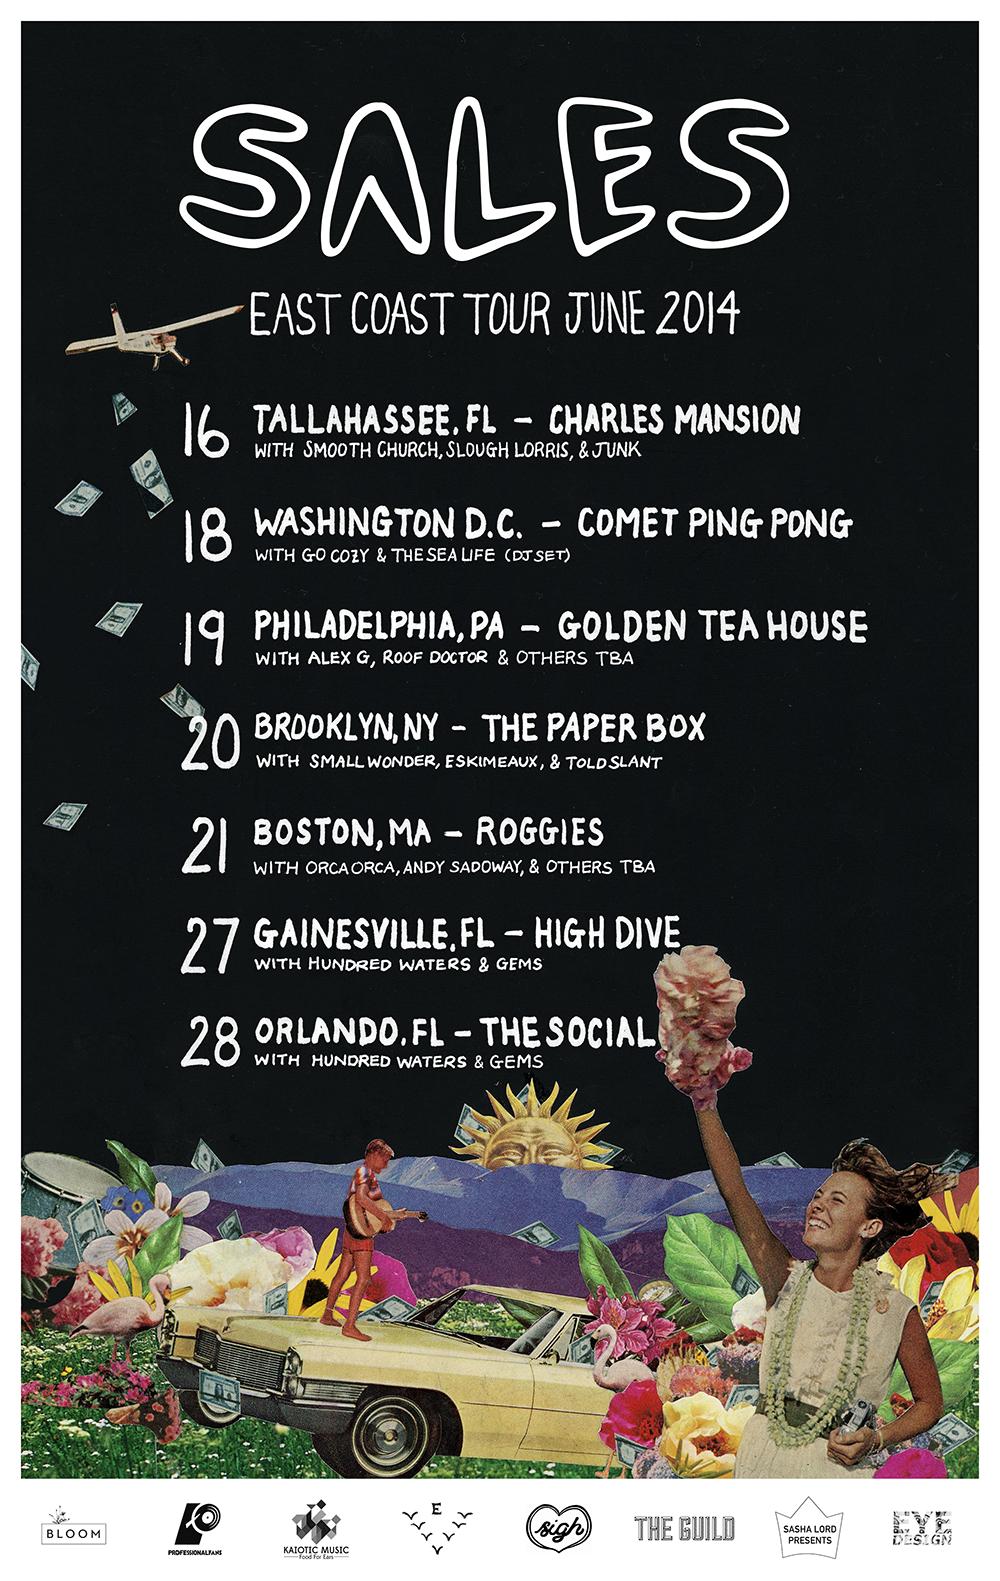 SALES_Tour_2014